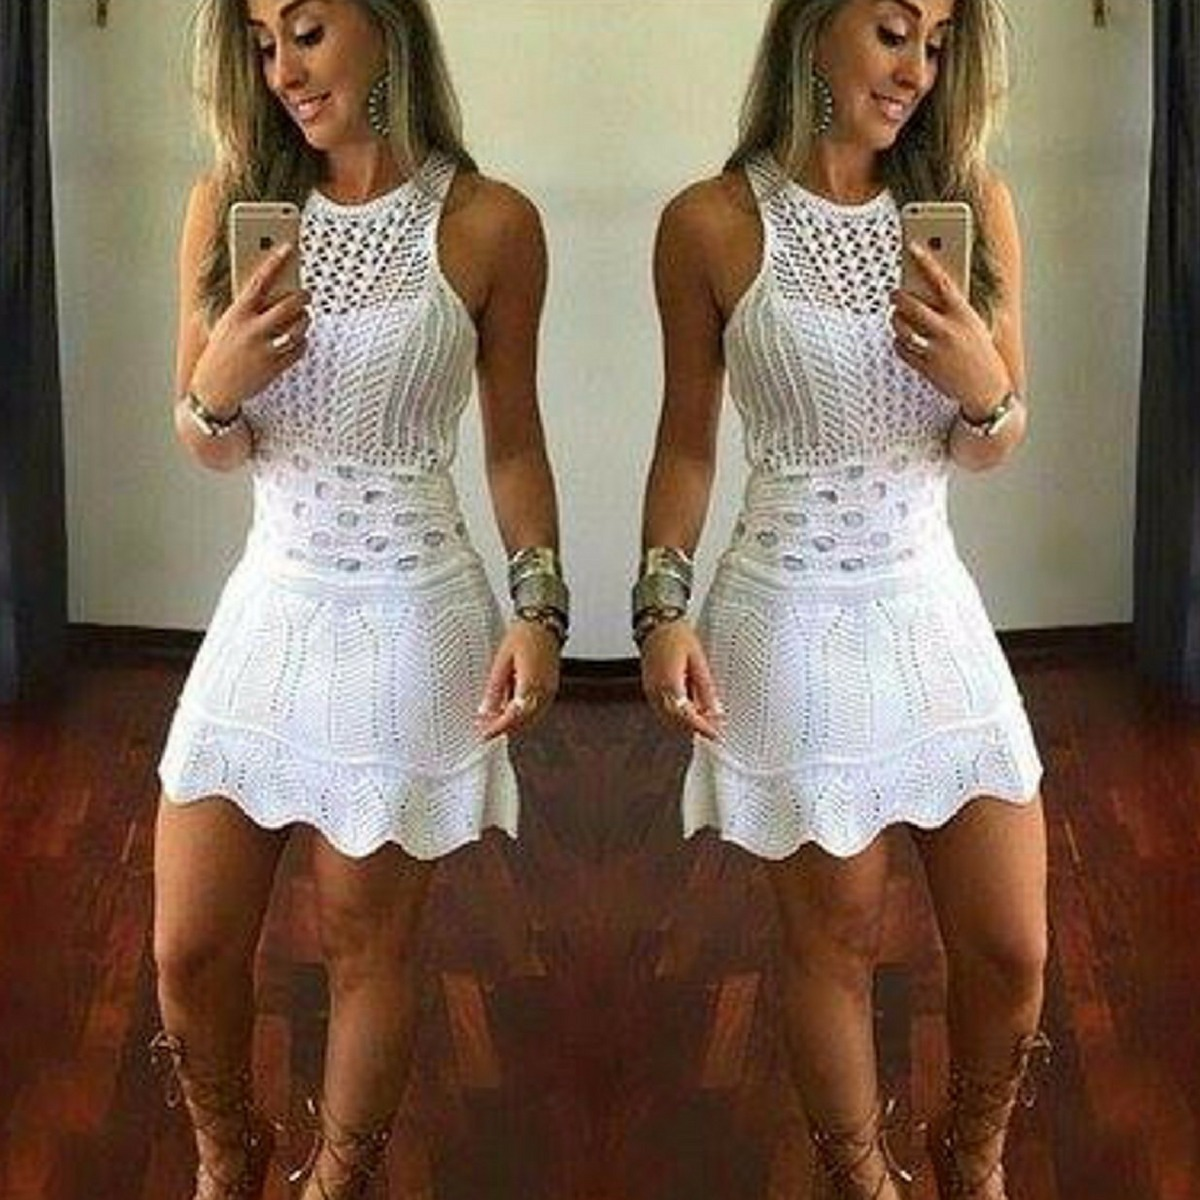 8f83bd5f9c Vestido Branco Curto Da Moda Tricot Trico Roupas Femininas - R  59 ...